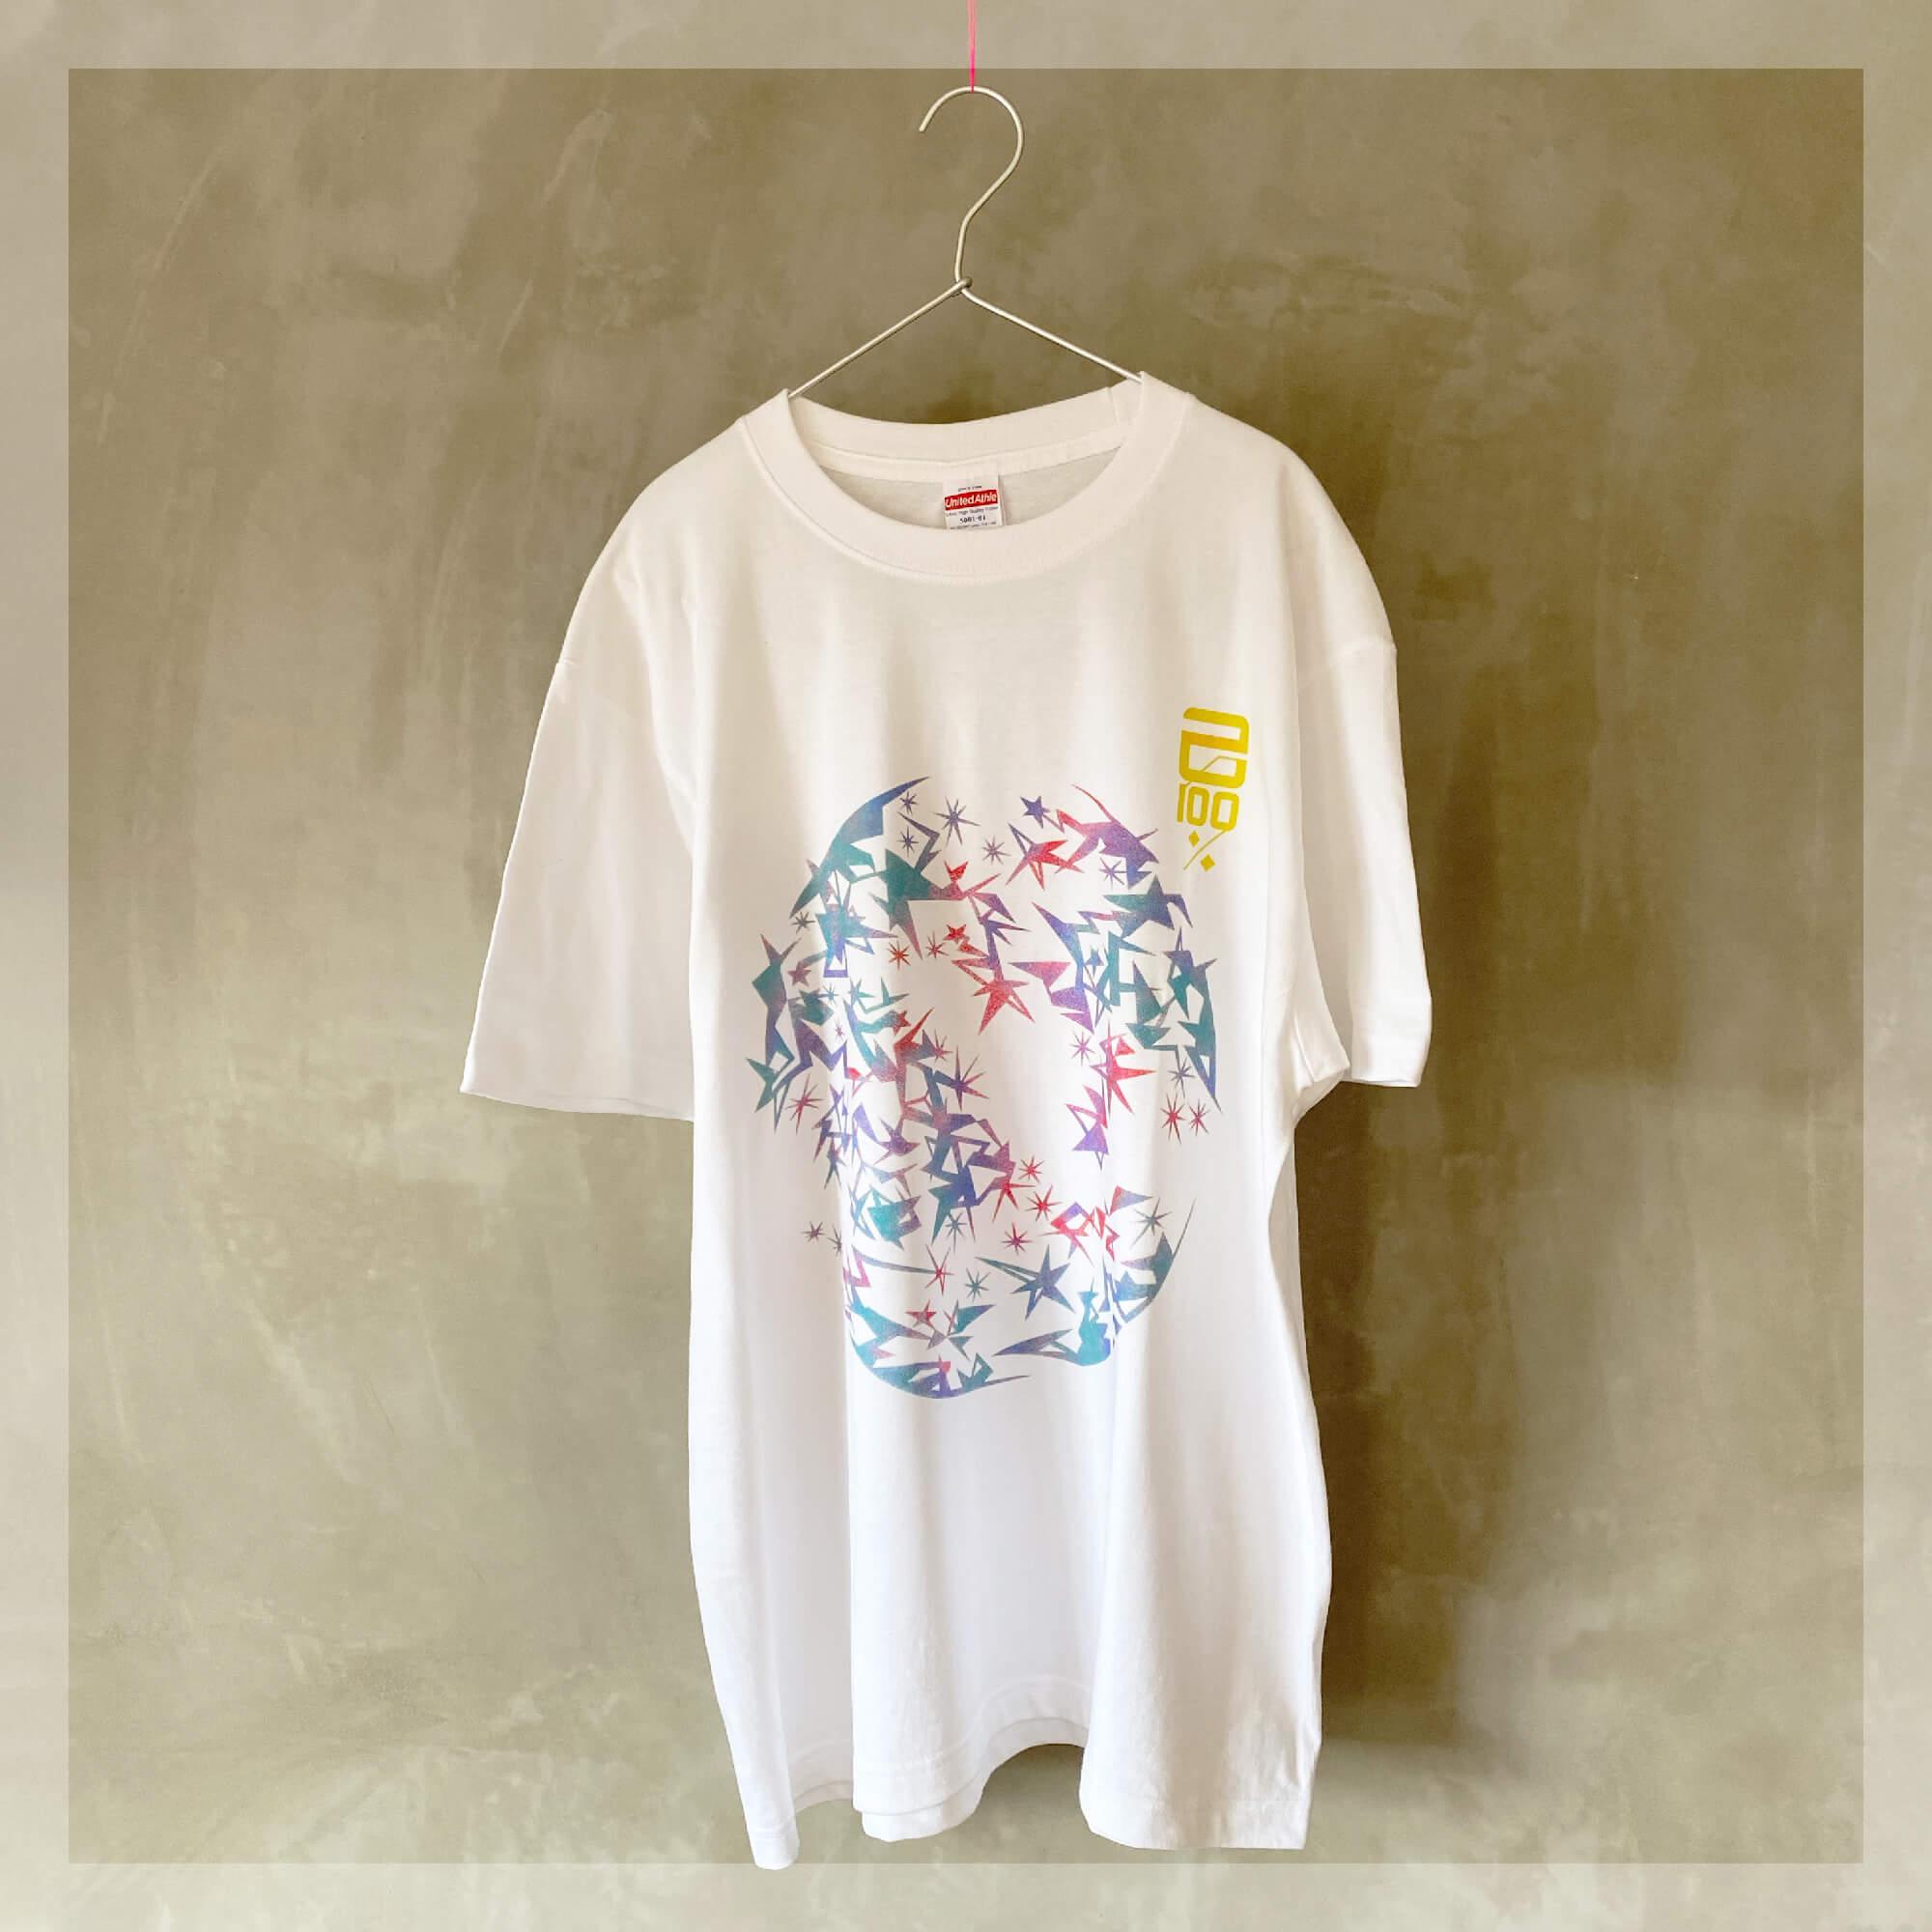 【Tシャツ】 スターダスト・カモフラージュ ○ 己100% / ホワイト